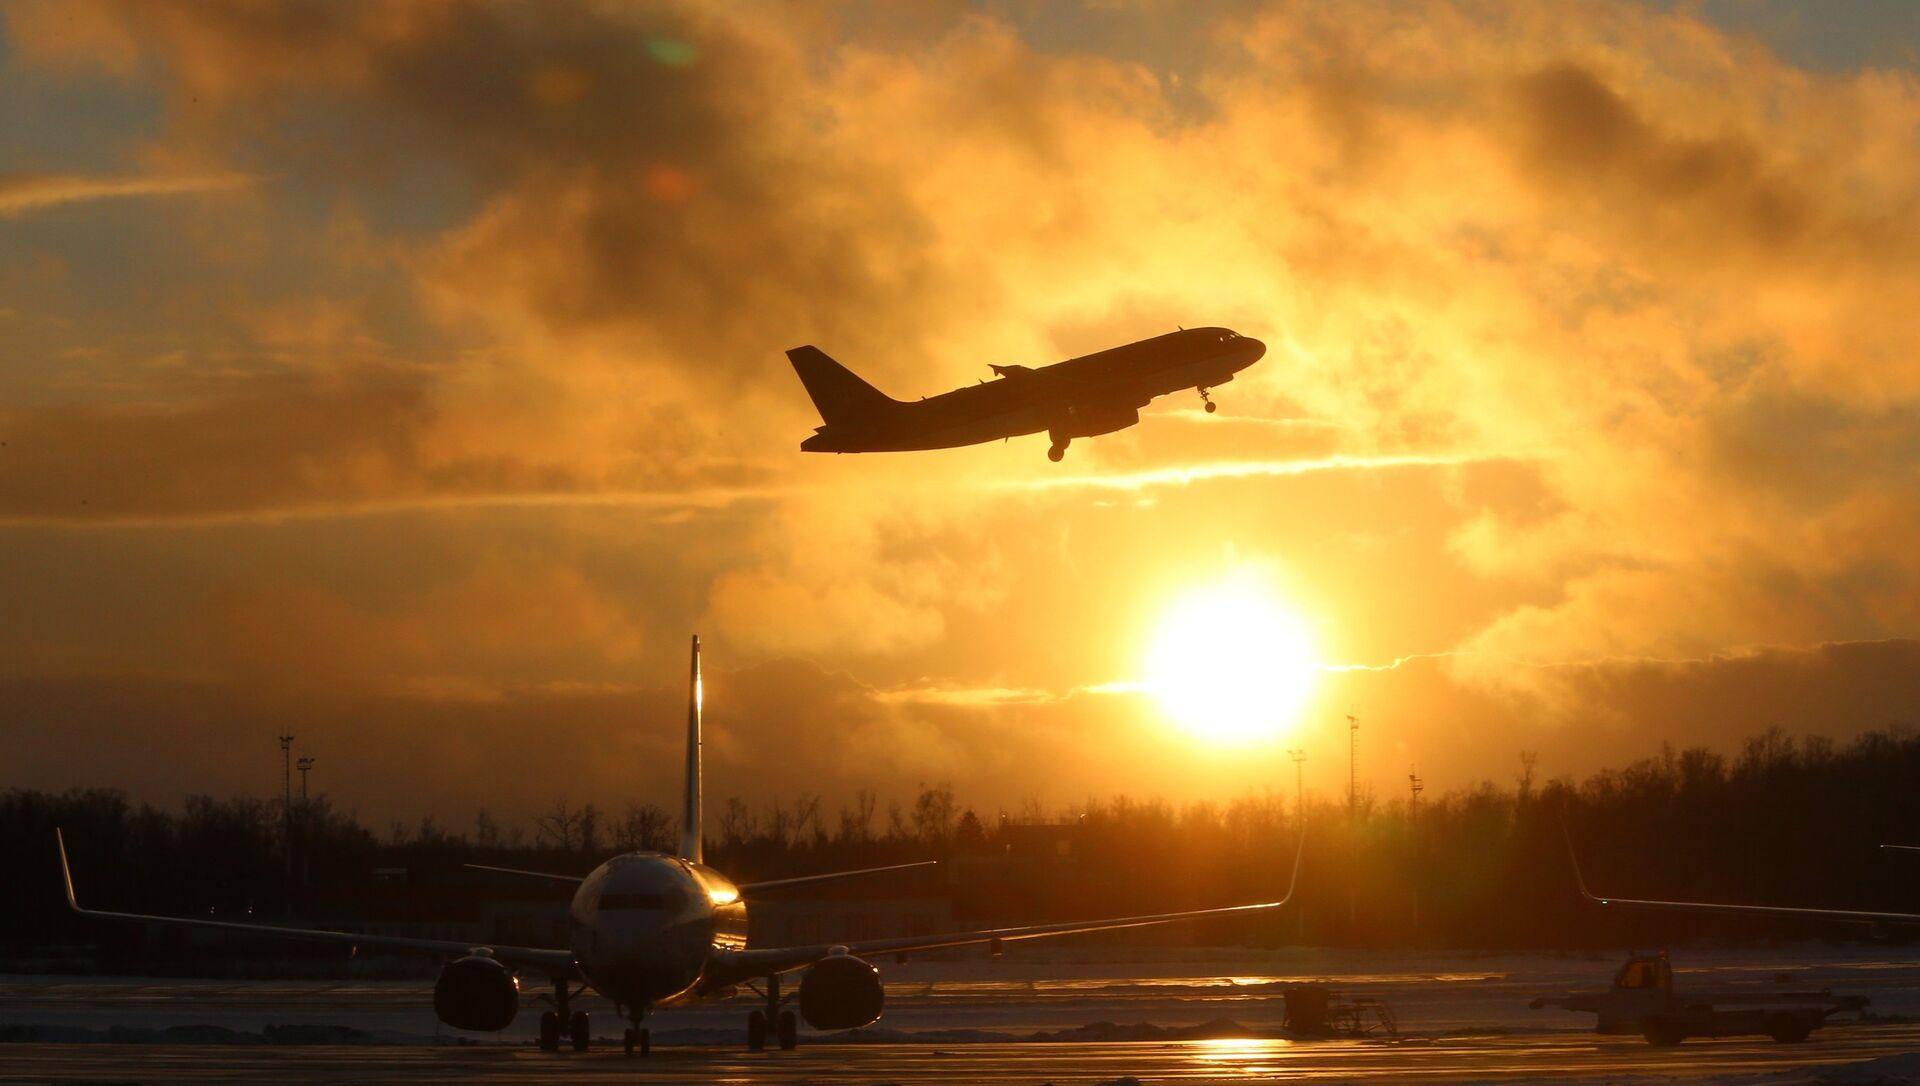 Самолеты на взлетно-посадочной полосе аэропорта Домодедово - Sputnik Грузия, 1920, 24.02.2021